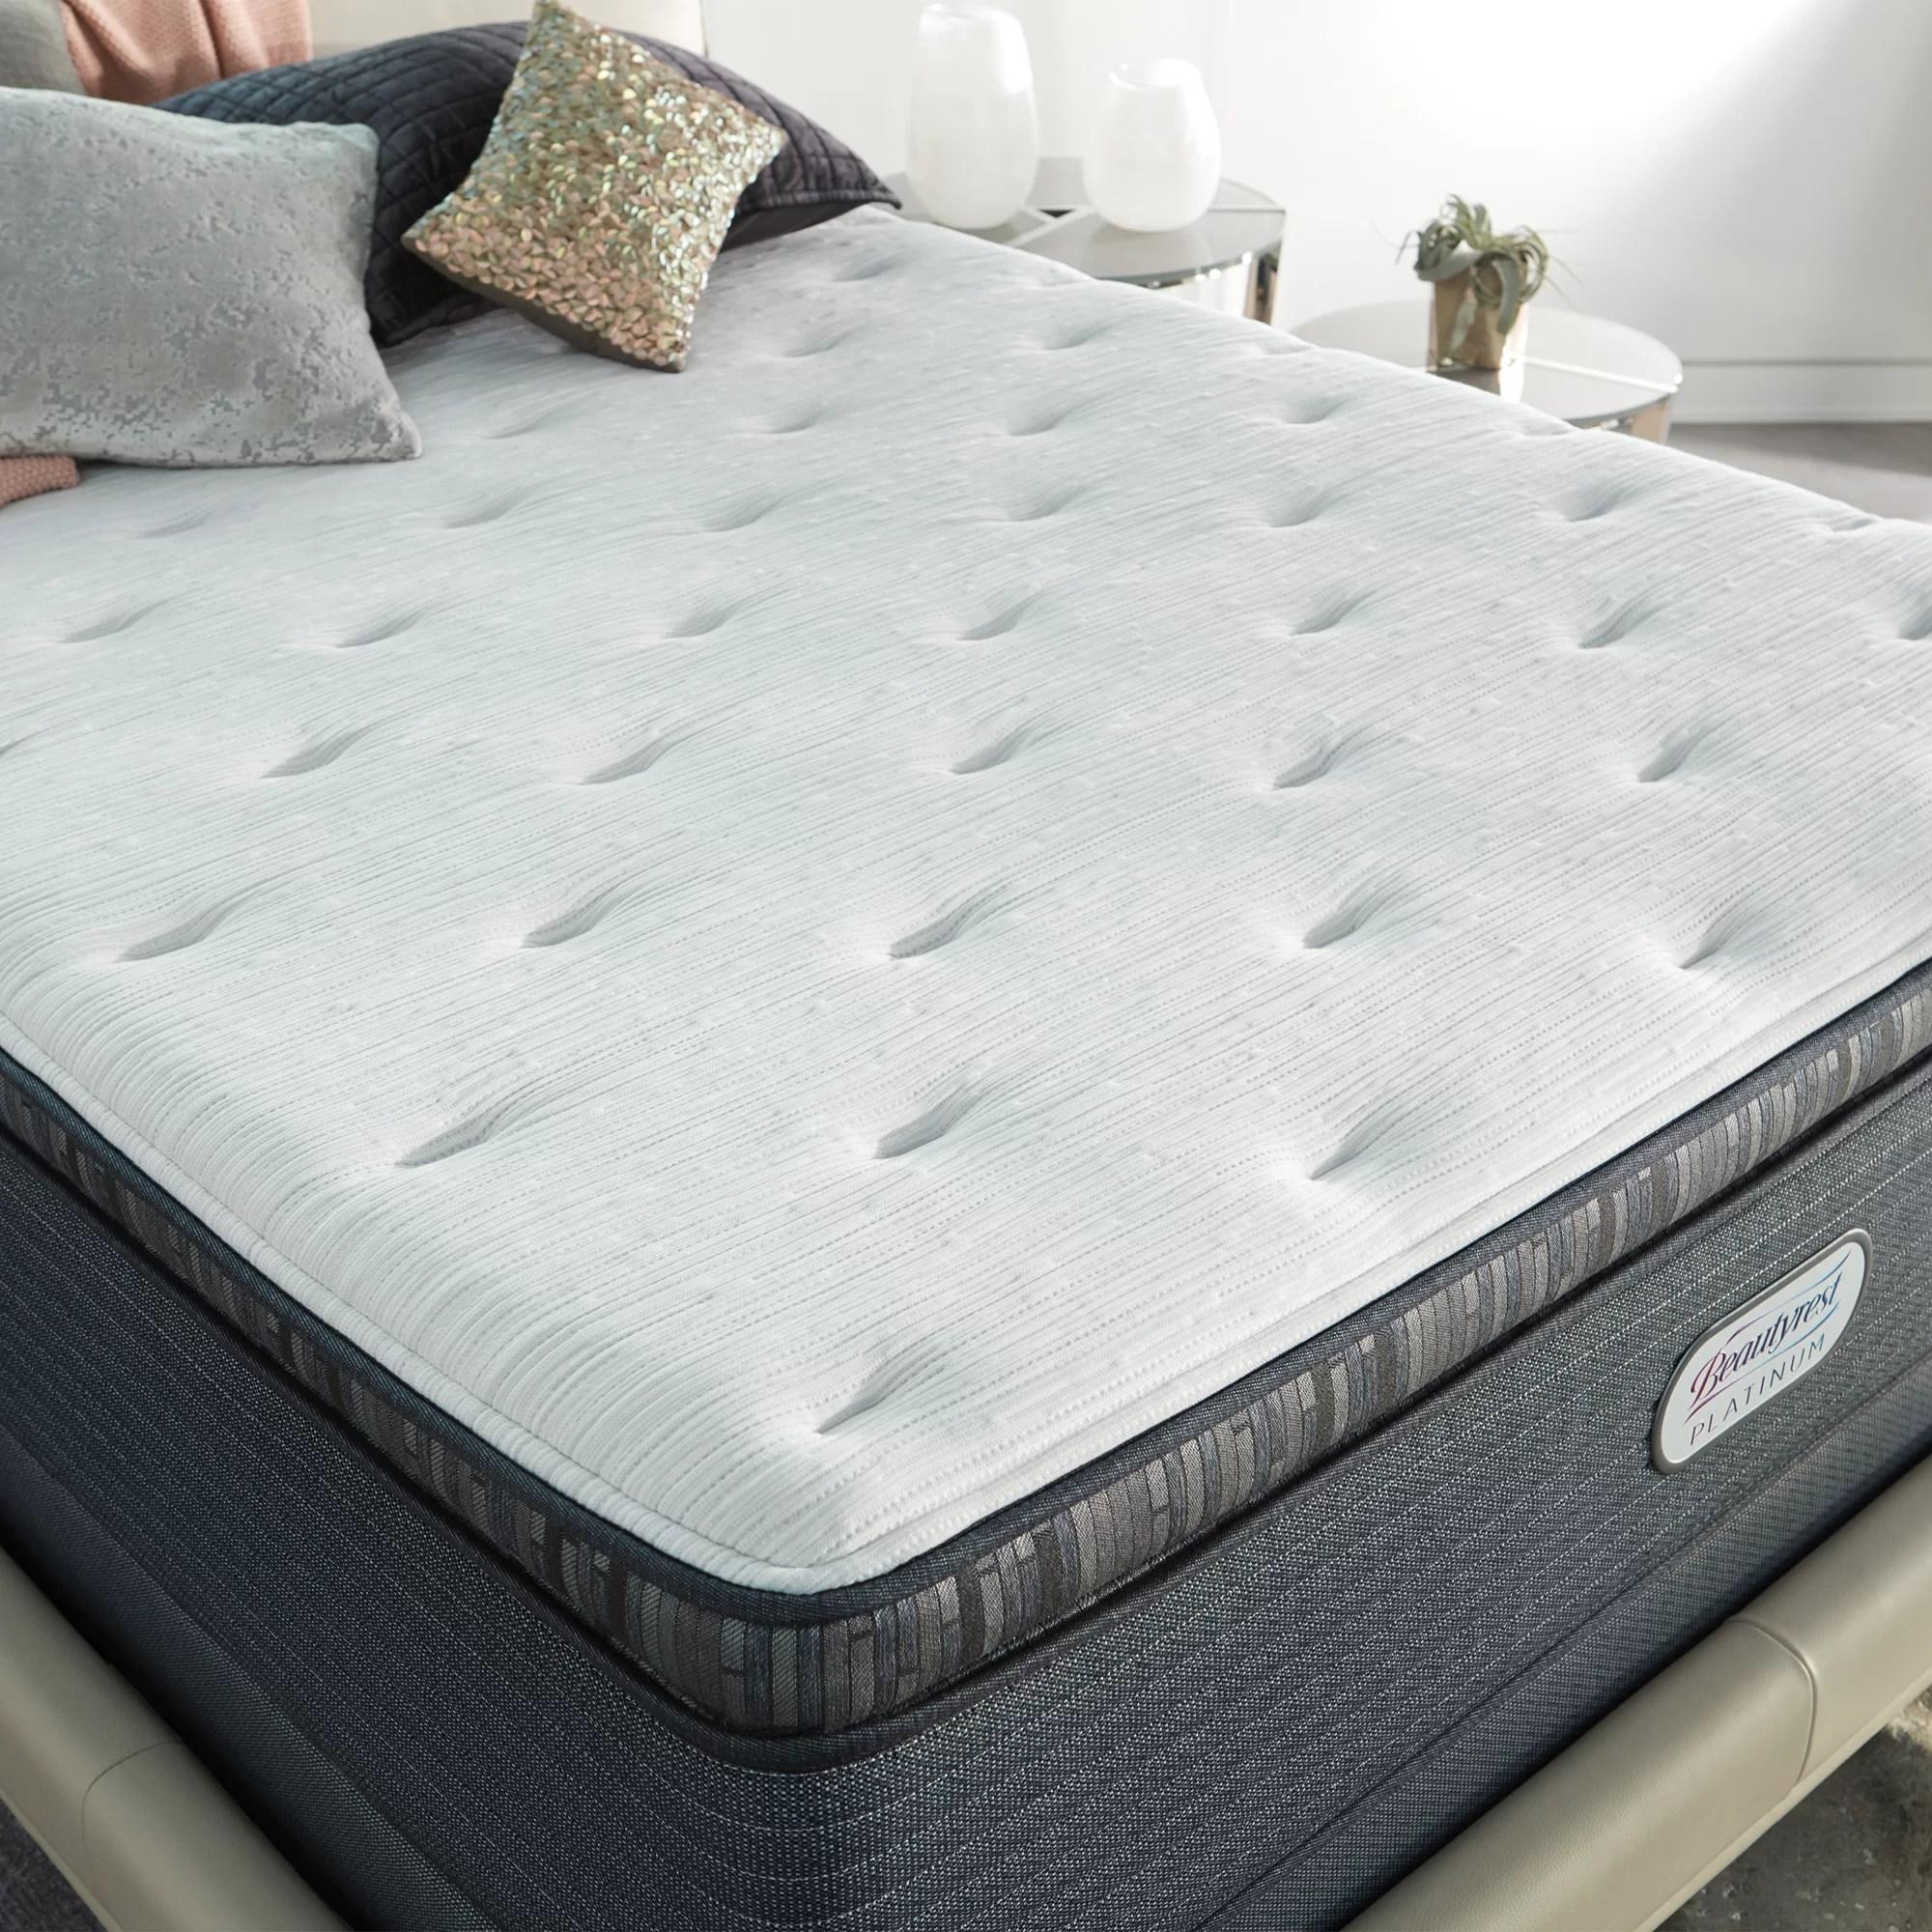 beautyrest platinum 15 firm pillow top hybrid mattress and box spring set reviews wayfair